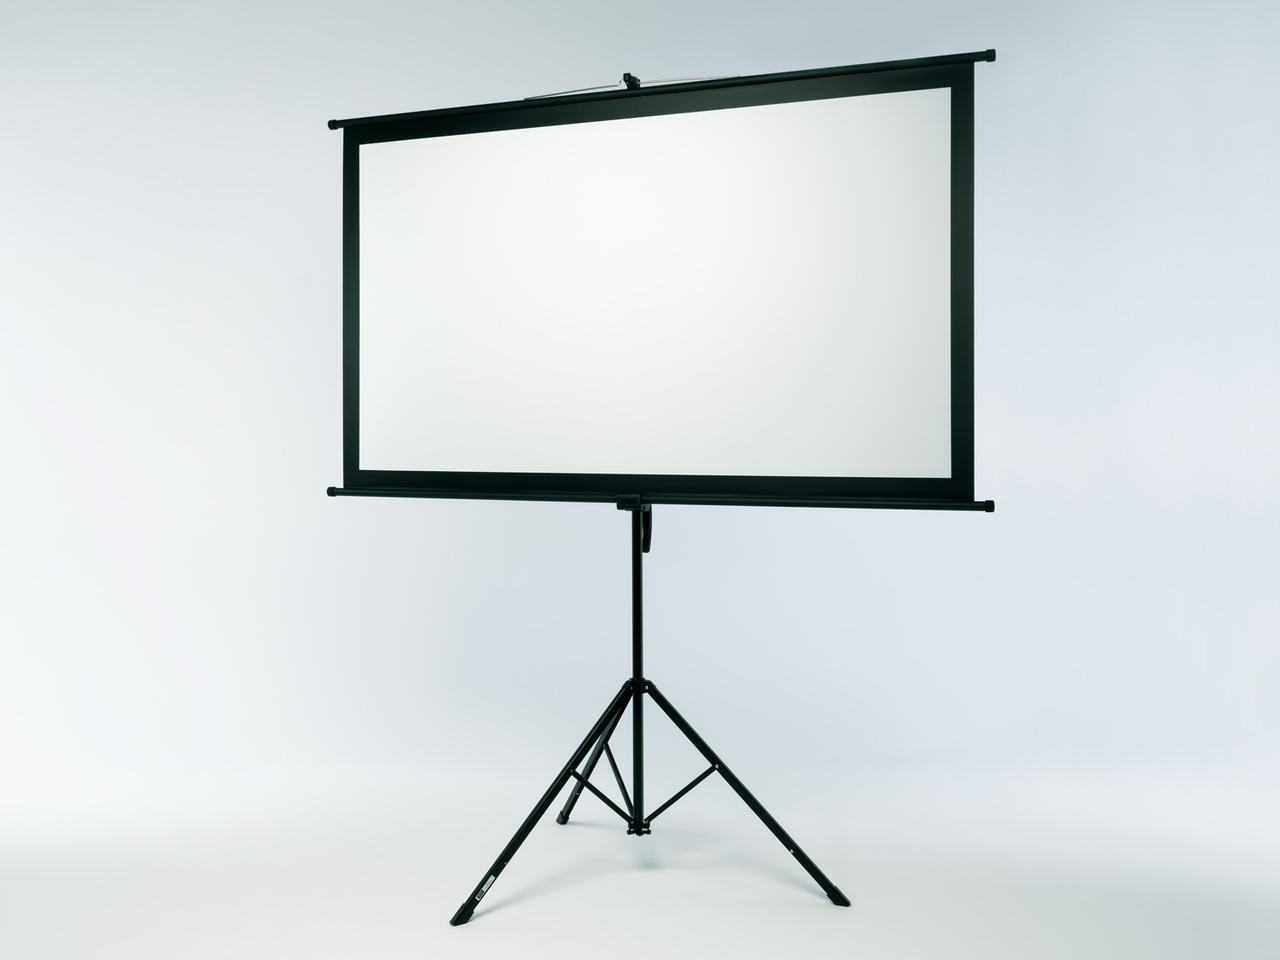 画像: 感動の大画面映像の鍵。「スクリーン」に注目しよう!KIKUCHI『WAV-70HDC』『SPA-100HDUT』 - Stereo Sound ONLINE